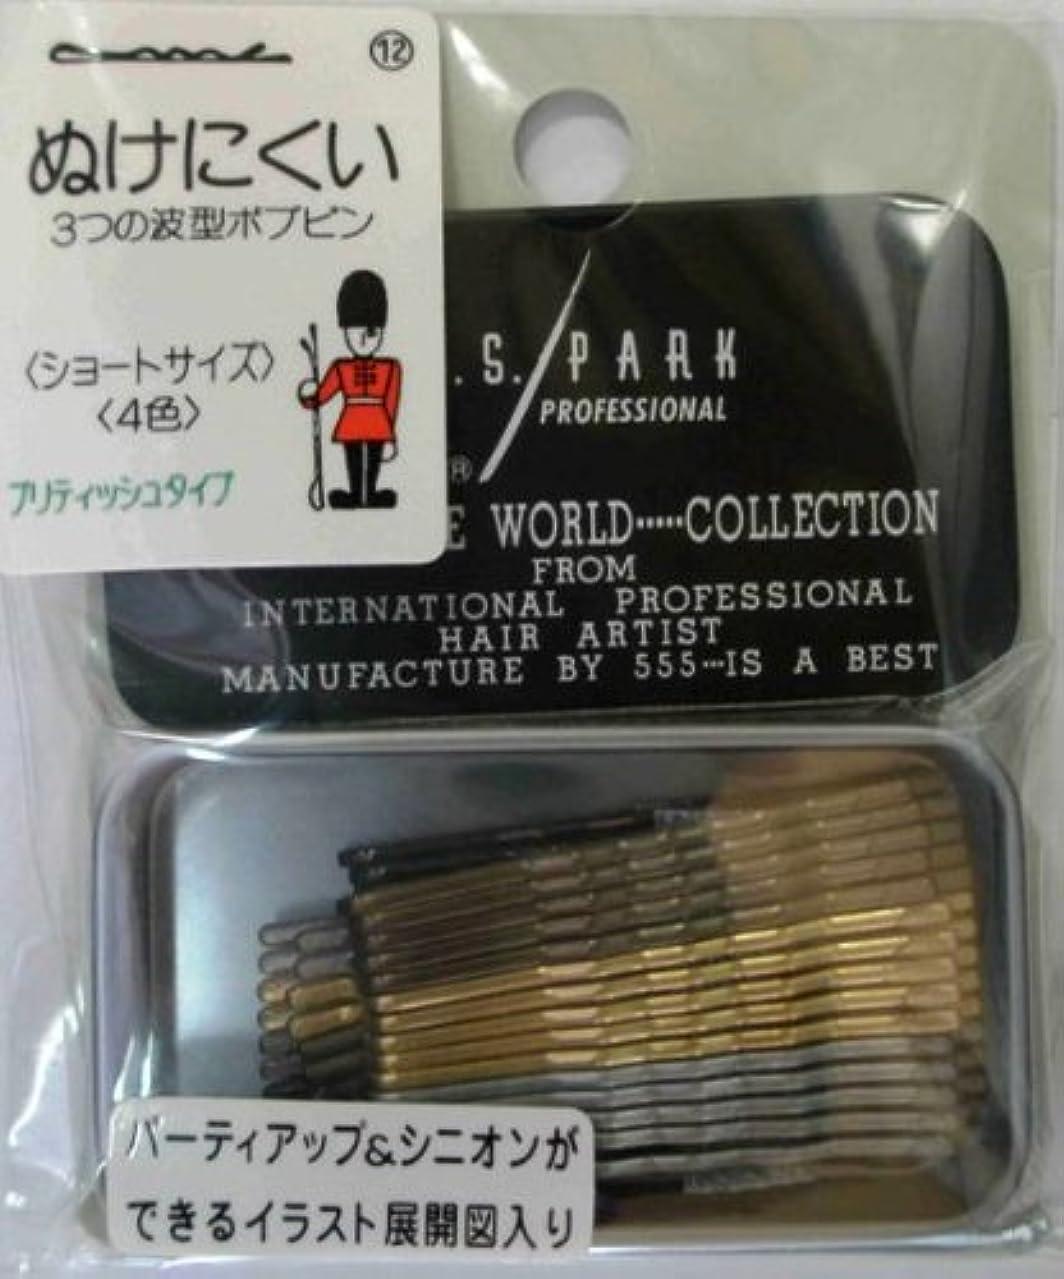 分布傾いた前にY.S.PARK世界のヘアピンコレクションNo.12(ショートサイズ?4色)ブリティッシュタイプ43P